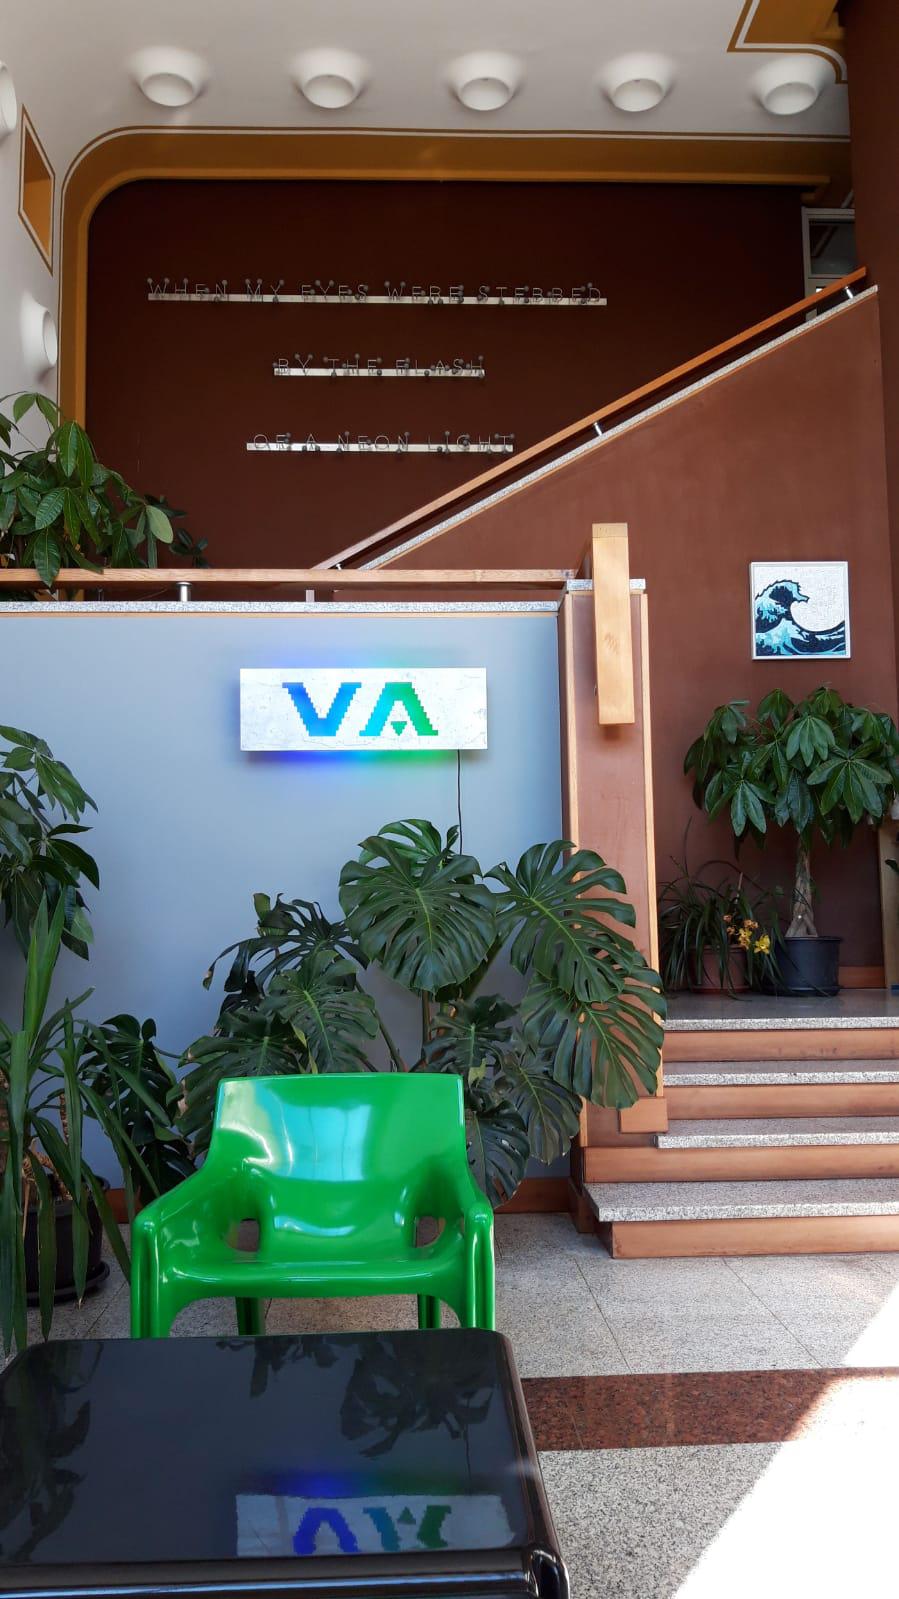 Michele Chiossi scultura VA Wall, 2017 installazione presso VA Albertoni, Gozzano (IT) permanente progetto site specific azienda logo brand 🌊 macchina da musica